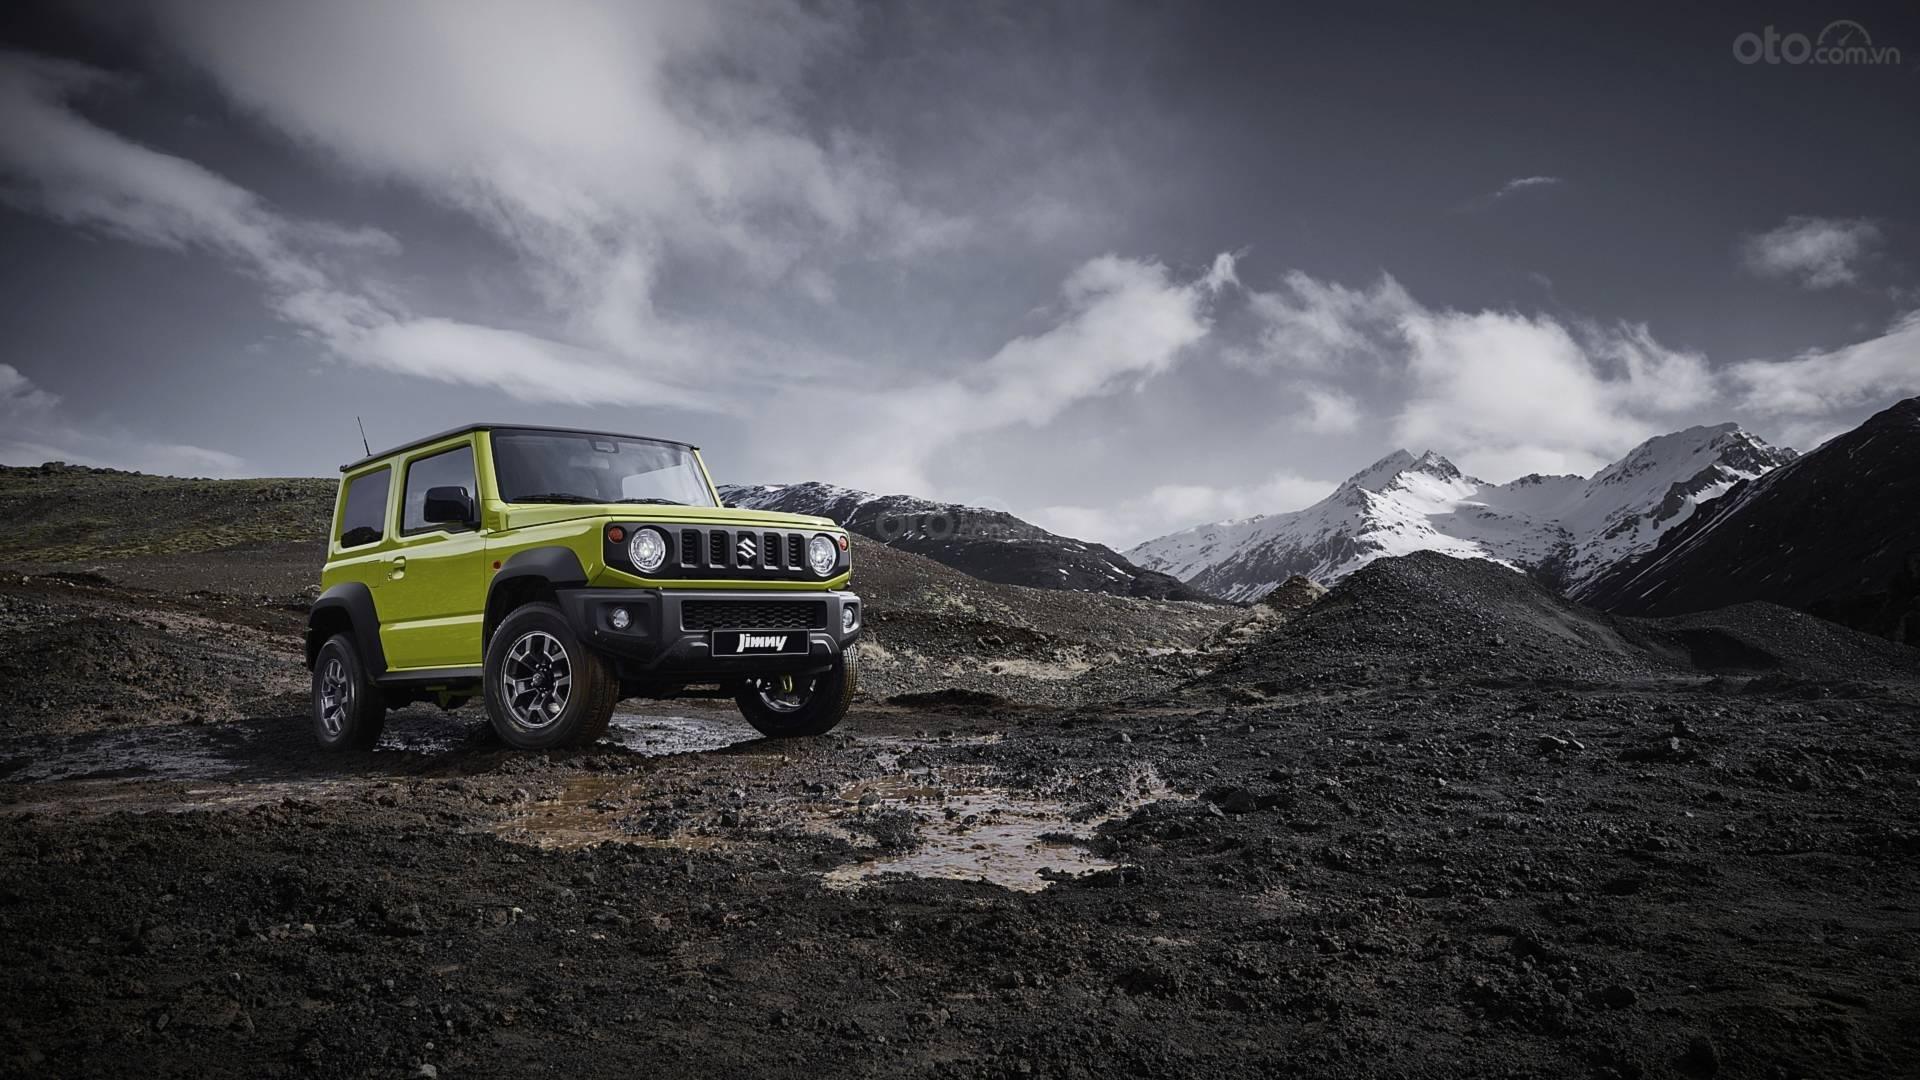 Đánh giá xe Suzuki Jimny 2020 về thiết kế động cơ.